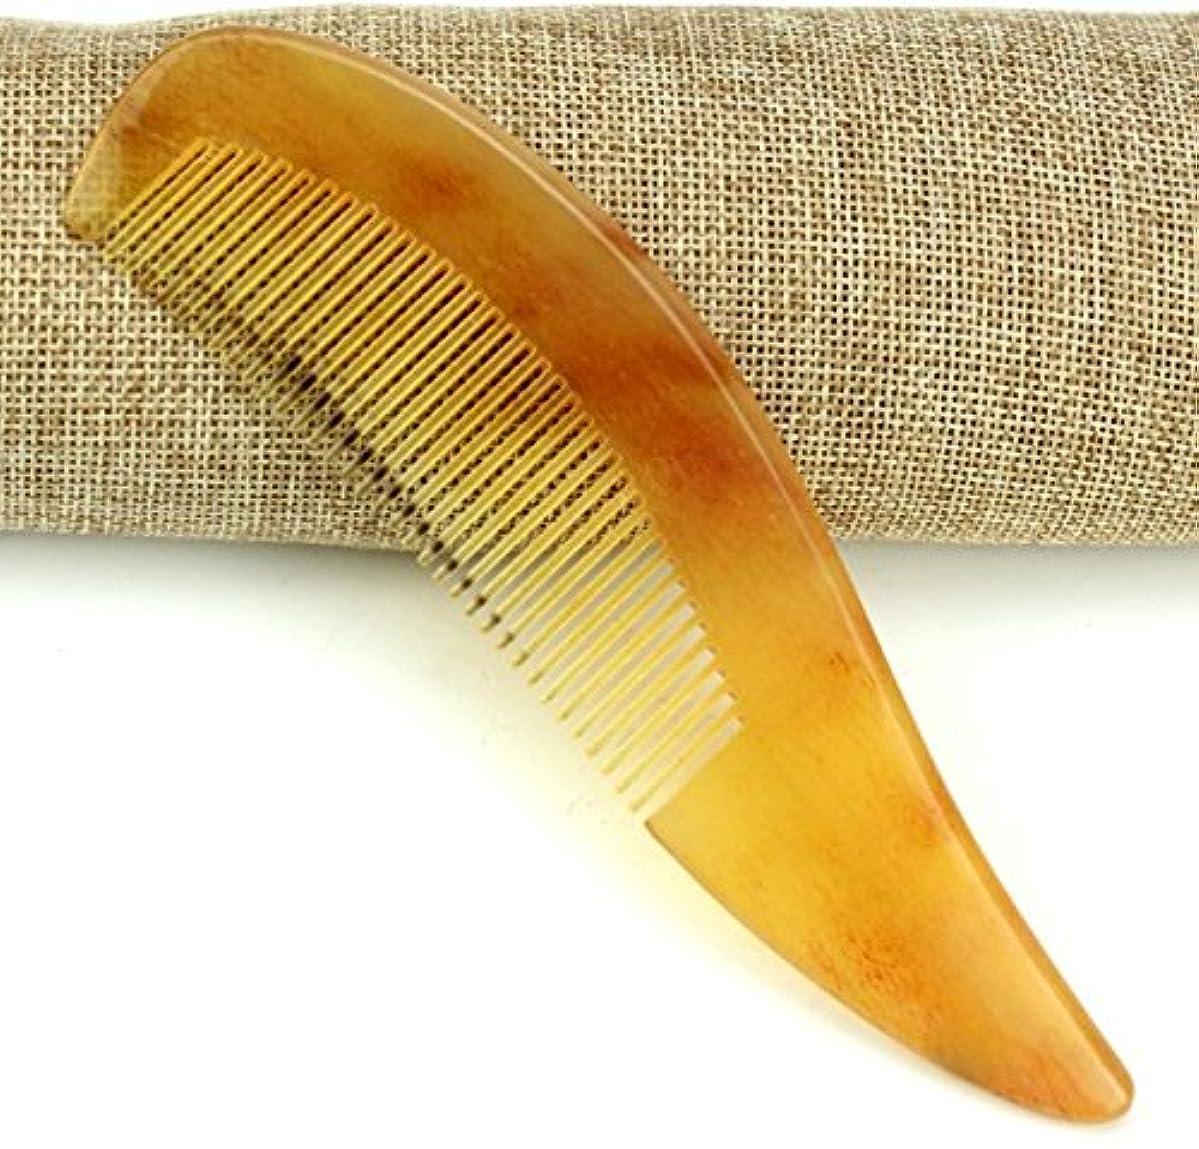 若さティッシュ褐色櫛型 プロも使う羊角かっさプレート マサージ用 血行改善 高級 天然 静電気防止 美髪 美顔 ボディ リンパマッサージ